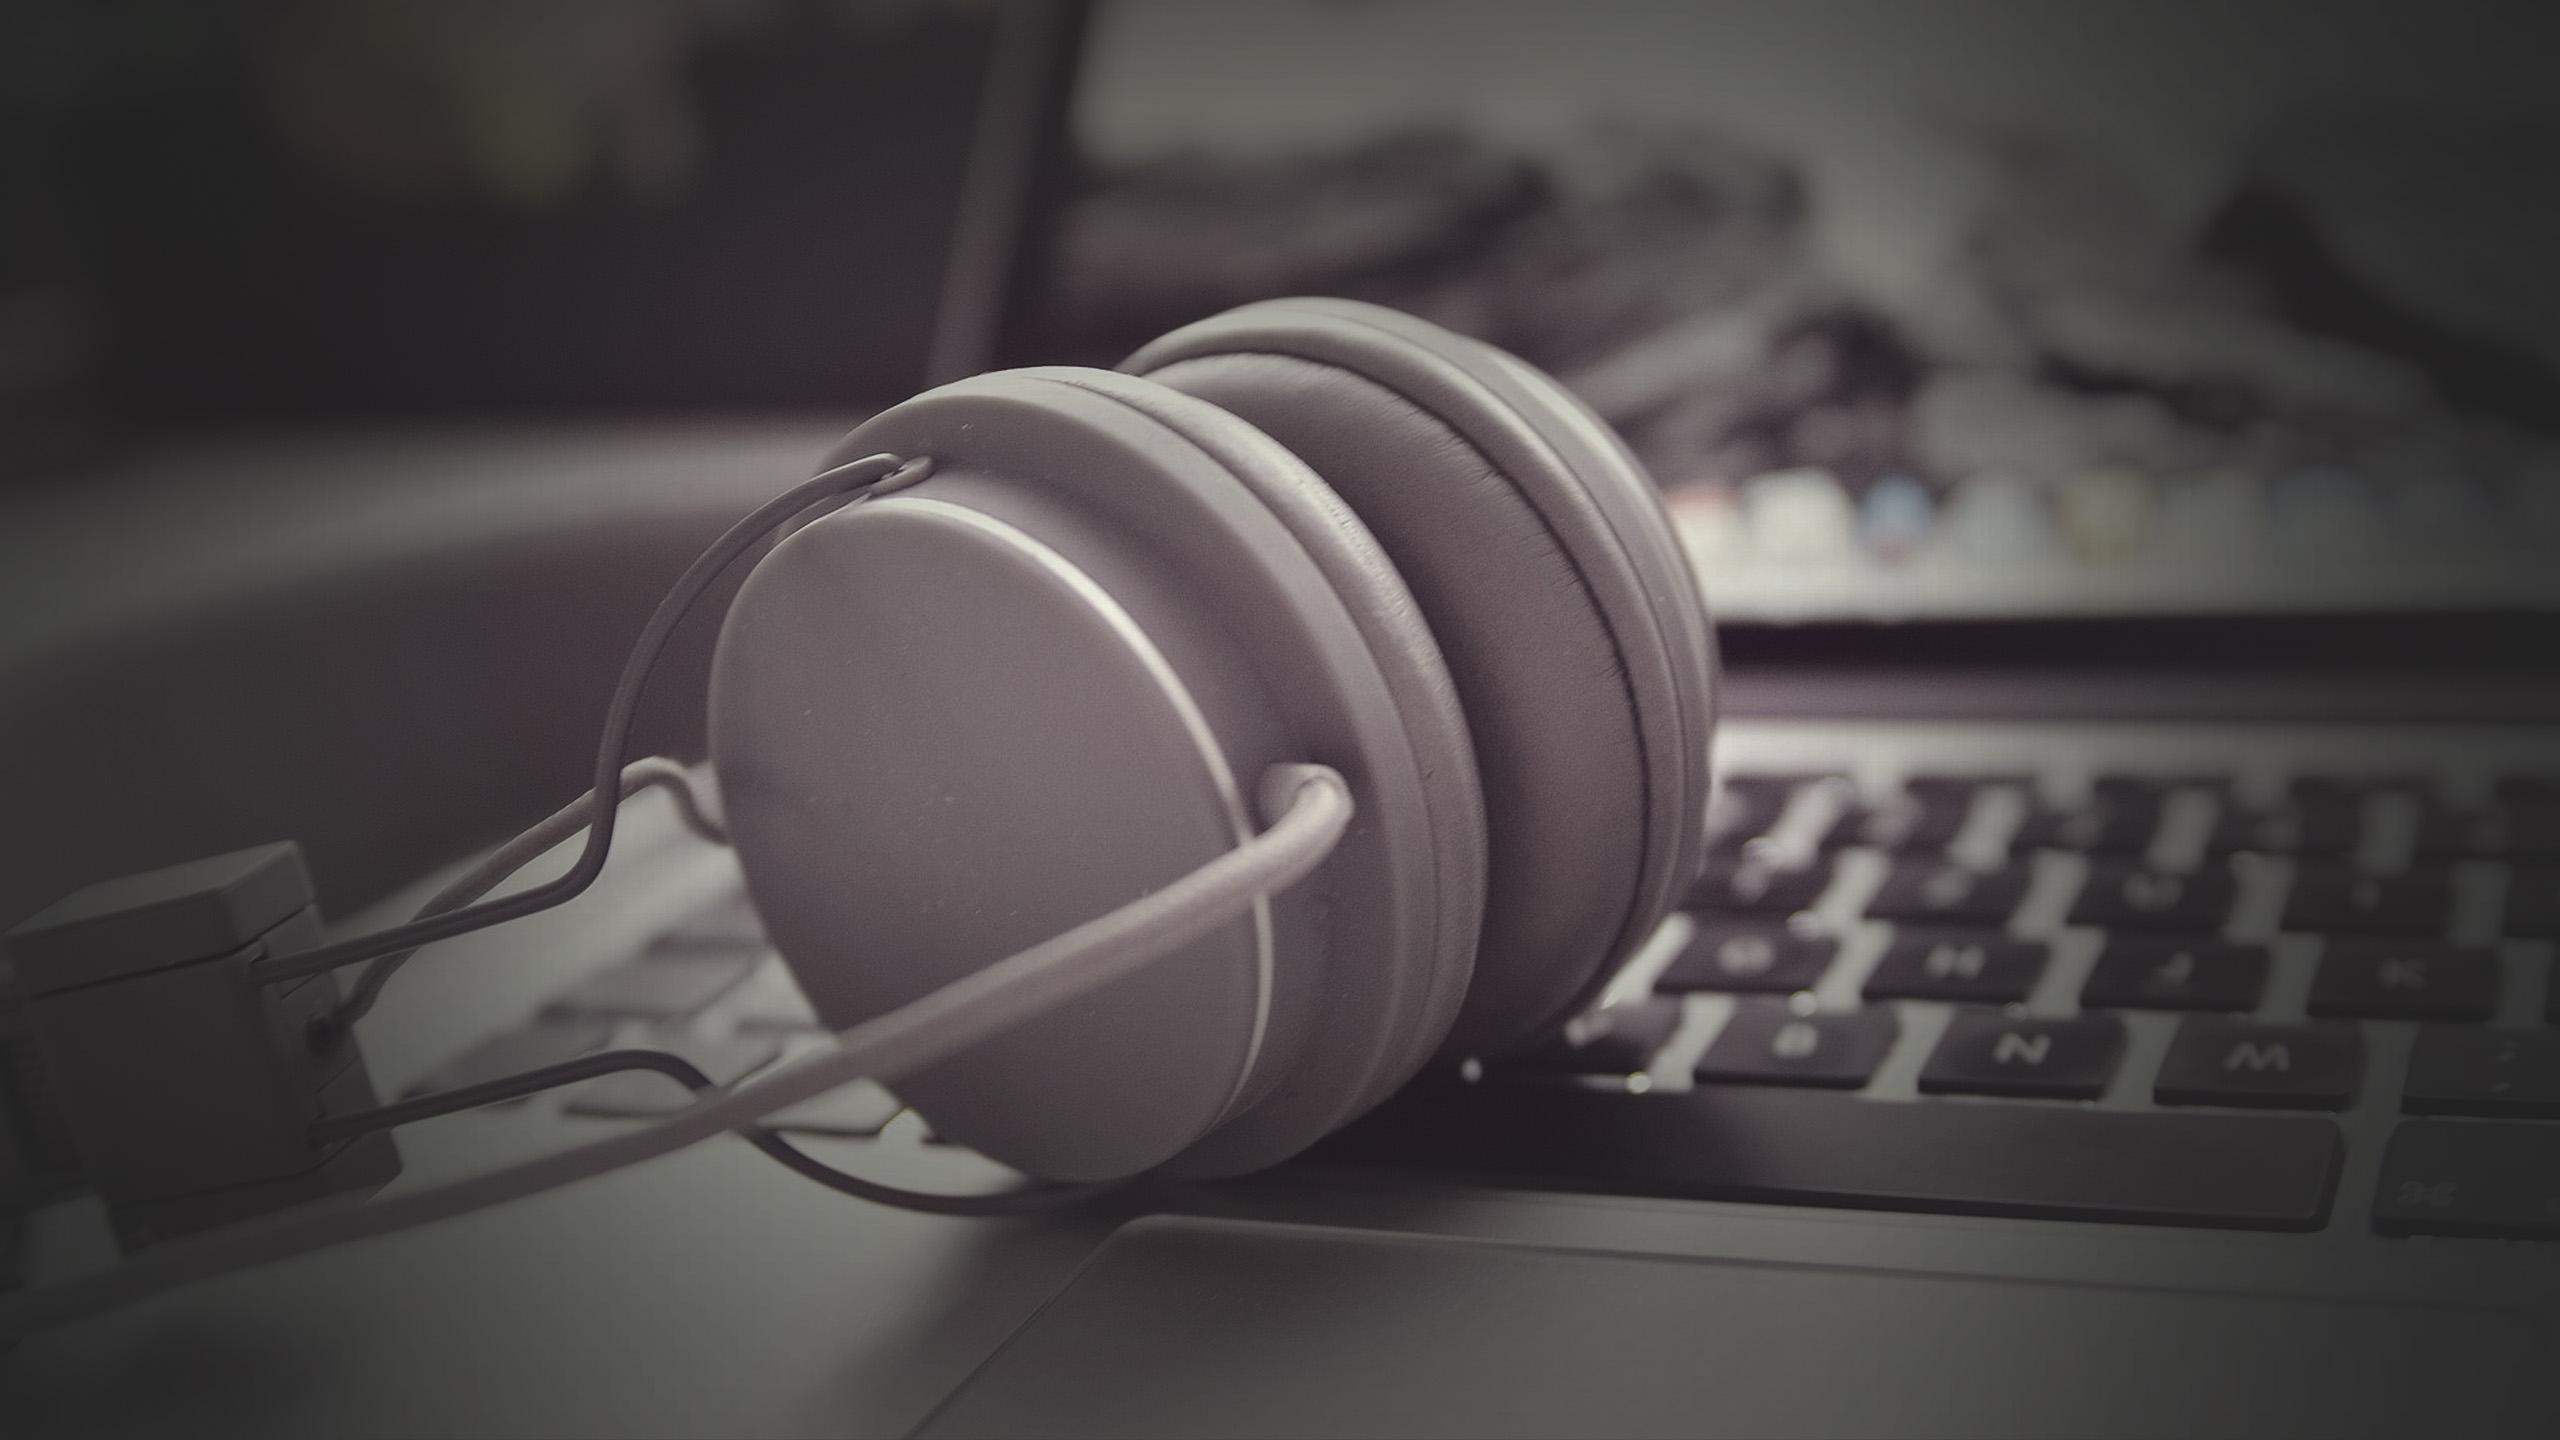 Aircampus Kopfhörer auf Laptop Tastatur in schwarz-weiß